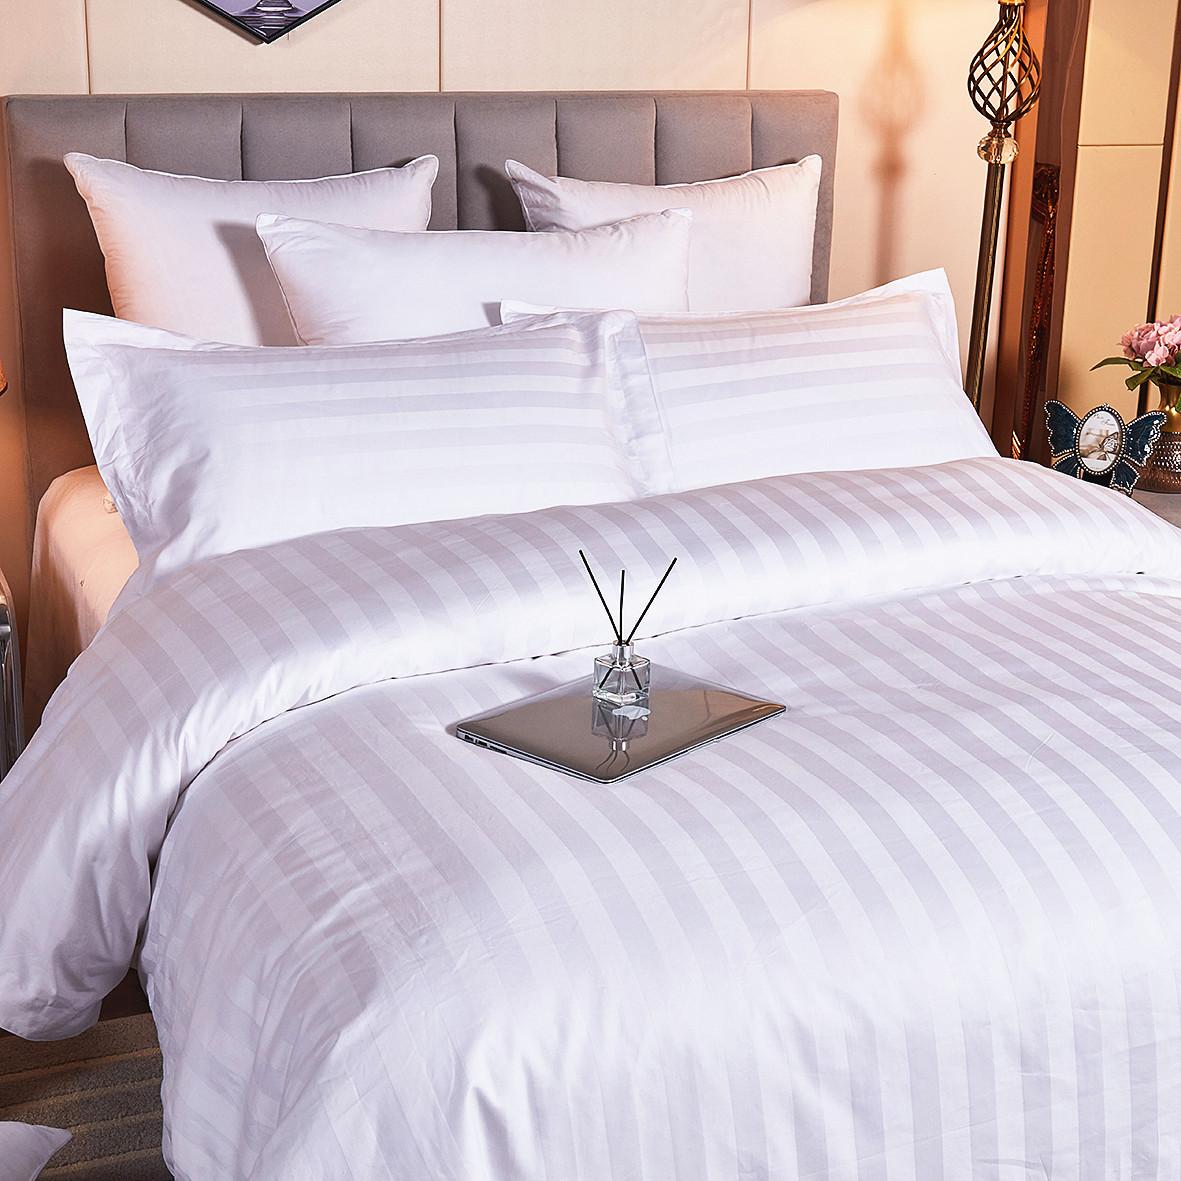 酒店宾馆民宿纯棉三公分缎条四件套全棉布草床上用品厂家定制批发